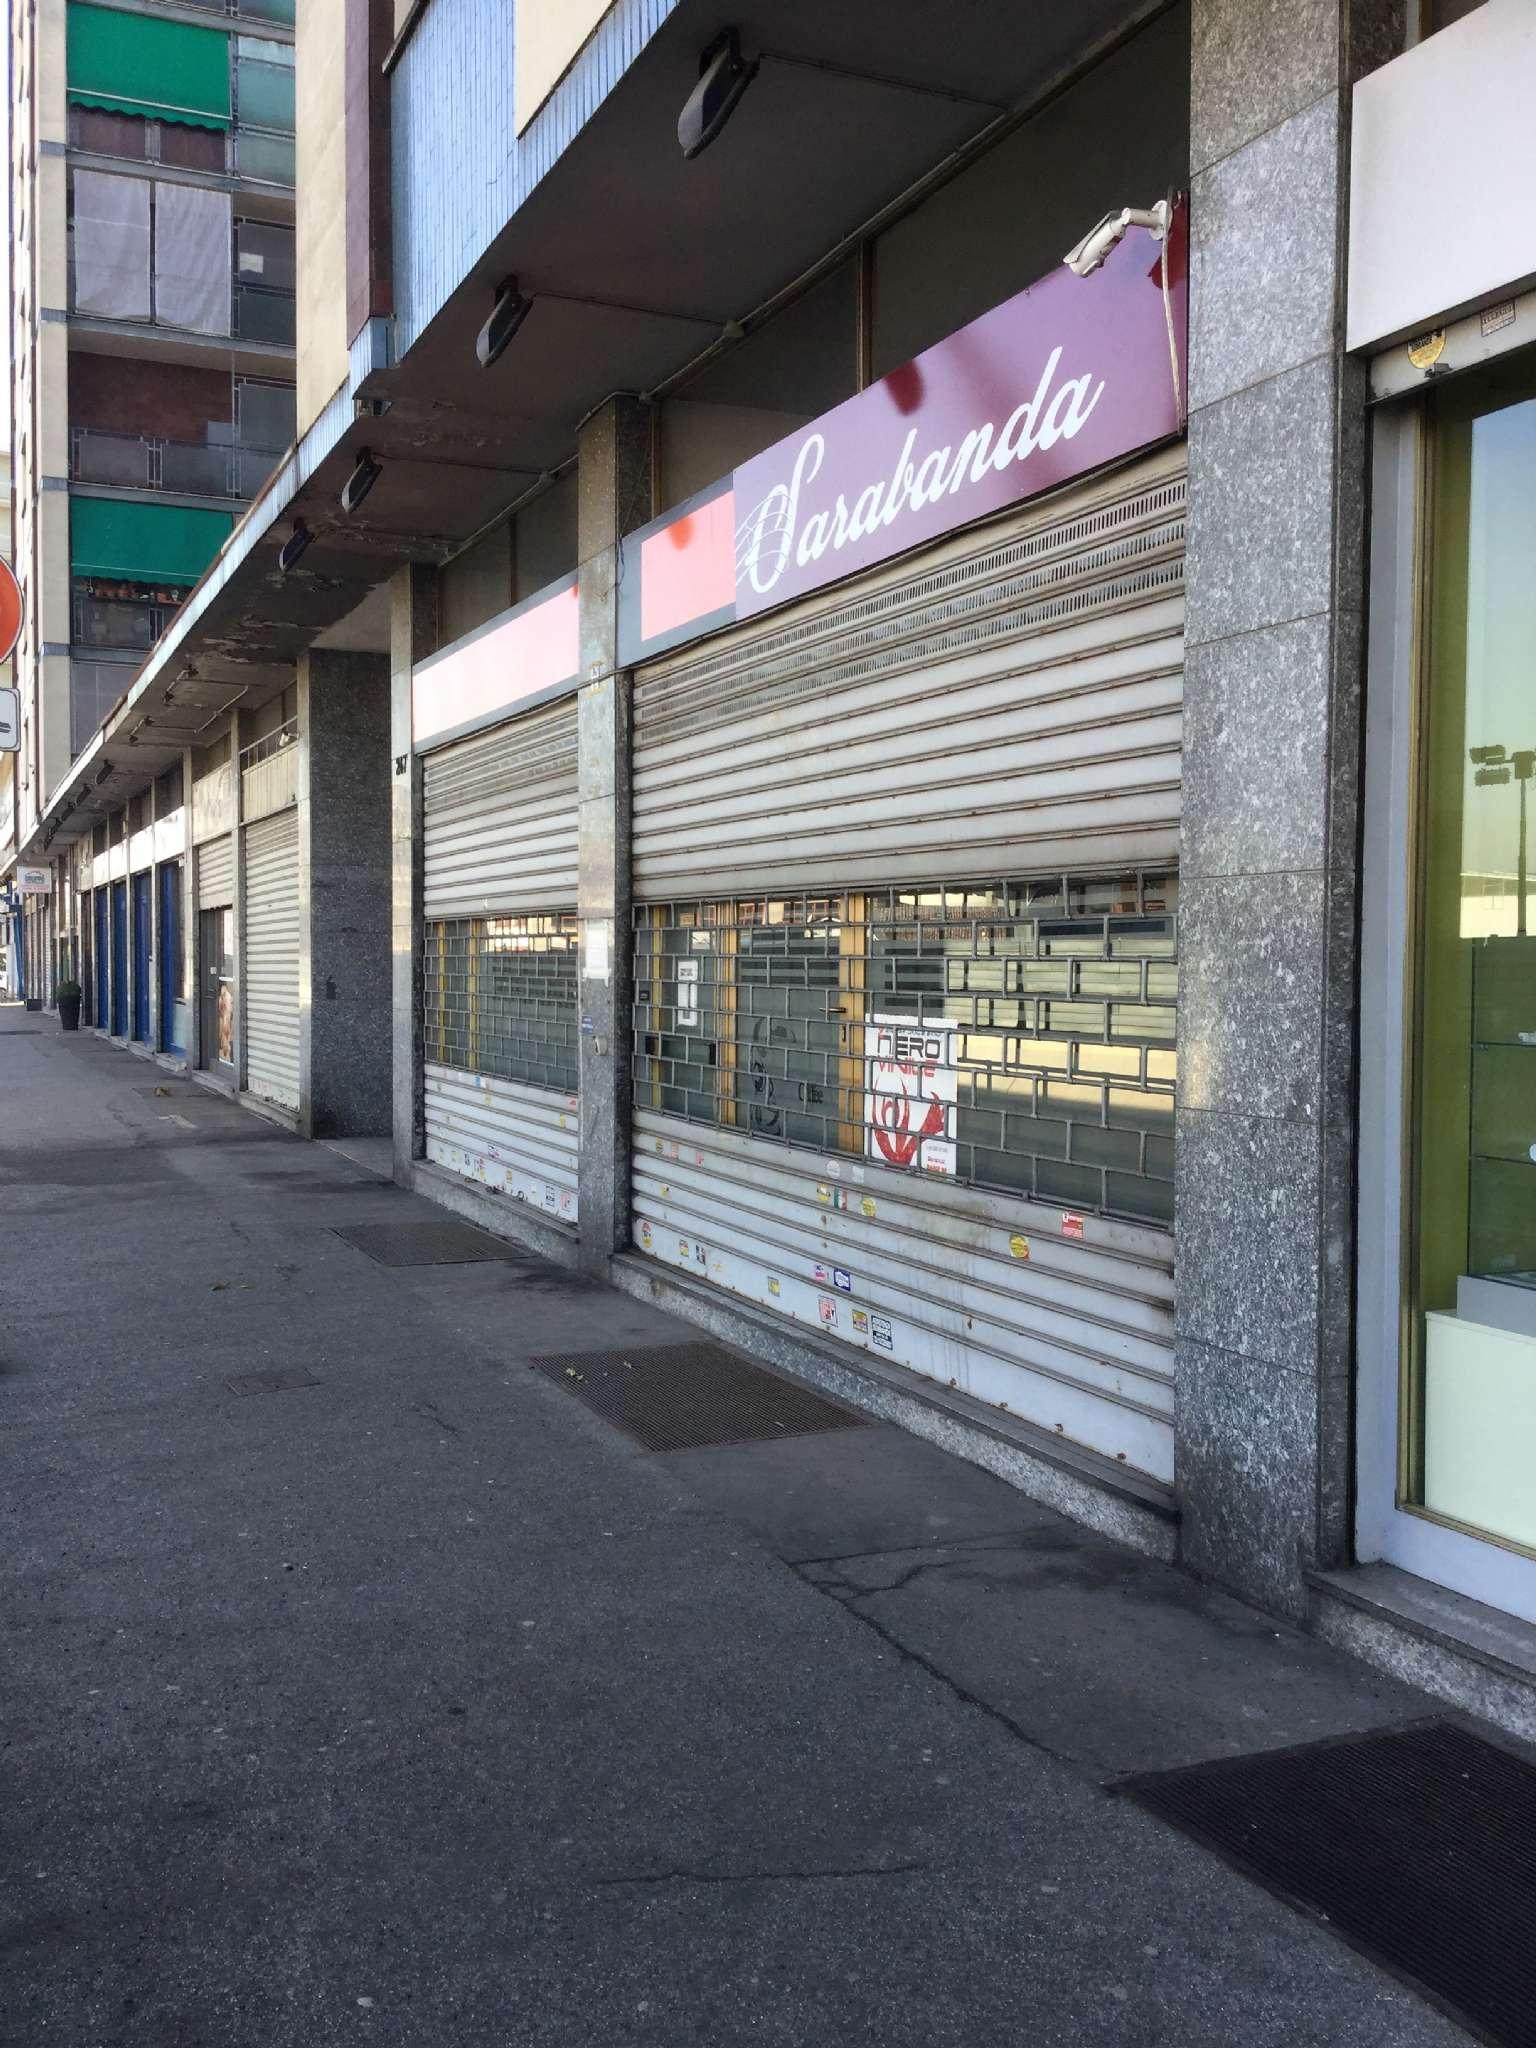 Negozio in affitto Zona Madonna di Campagna, Borgo Vittoria... - corso CORSO GROSSETO 247 Torino